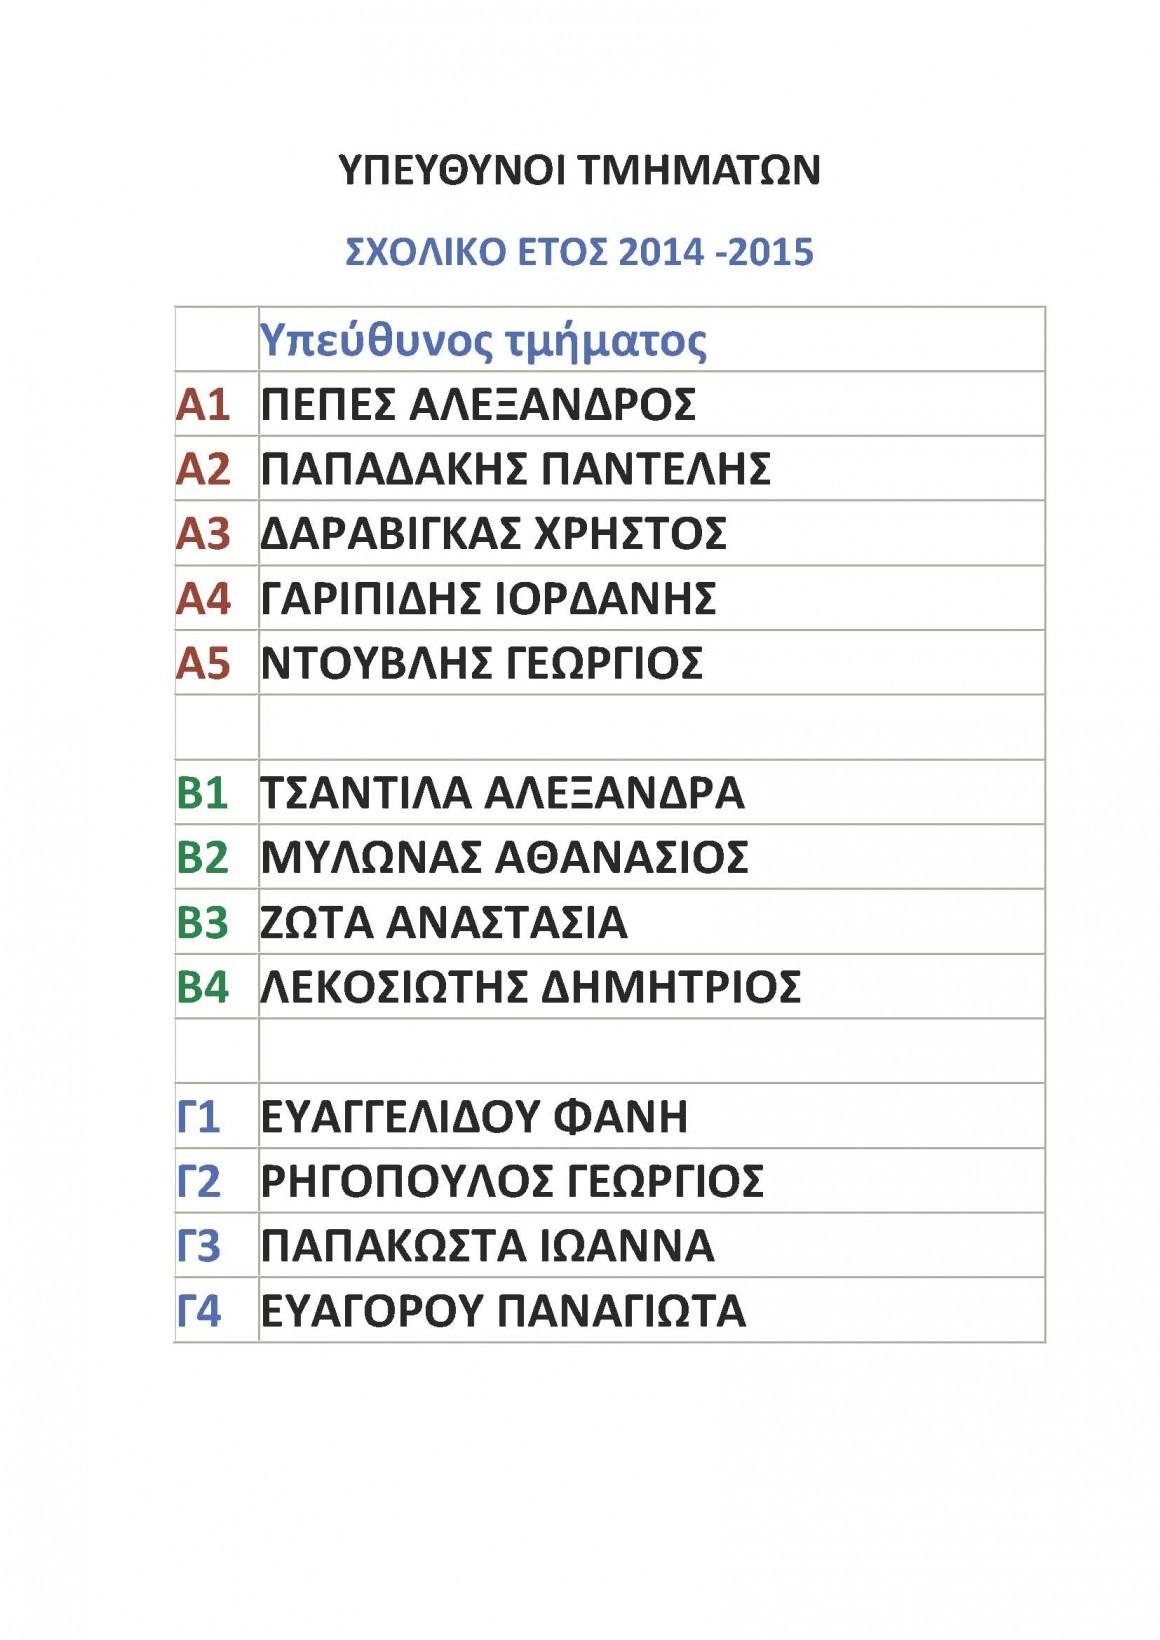 Υπεύθυνοι τμημάτων 2014-15